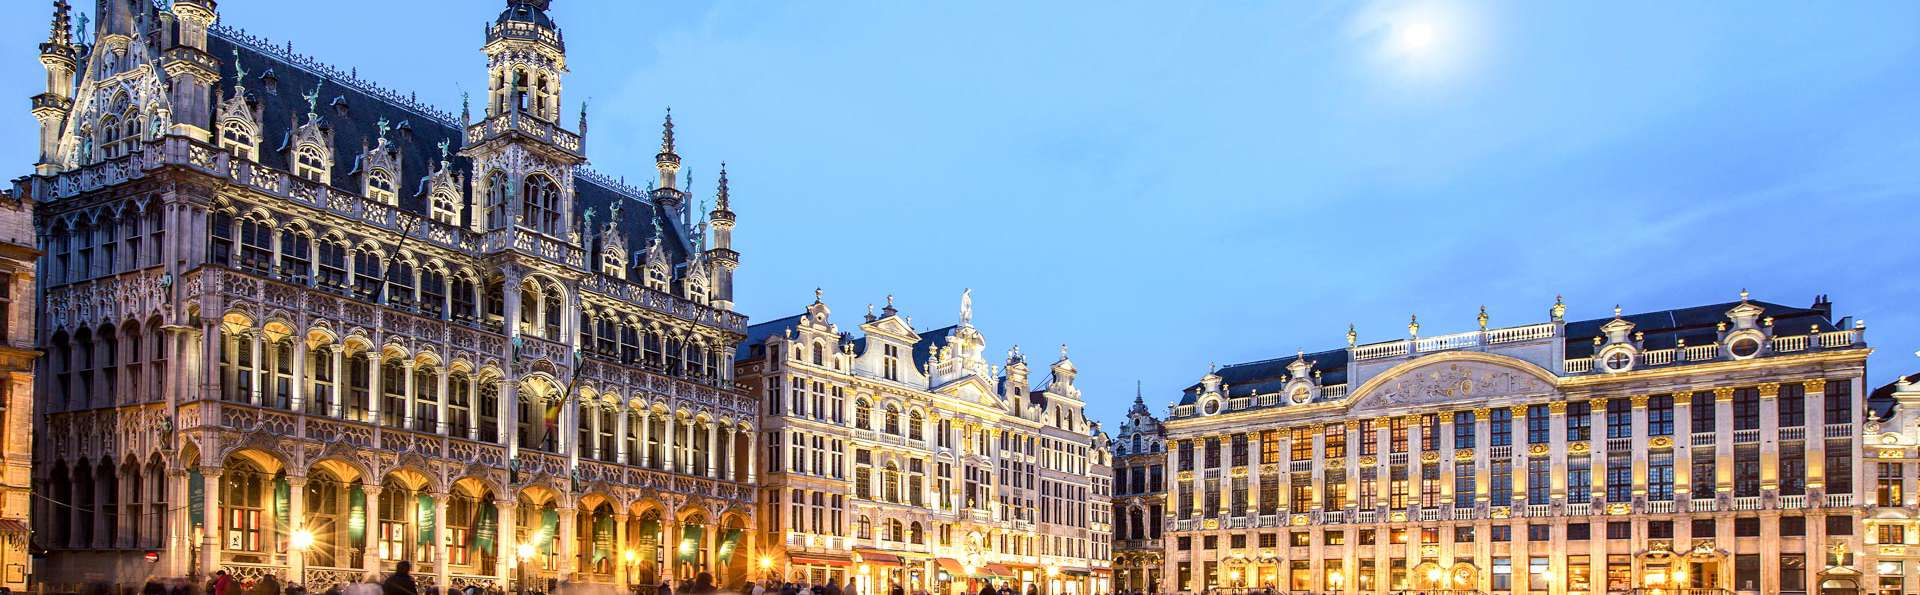 Découvrez Bruxelles et profitez du petit-déjeuner et d'un verre de bienvenue inclus